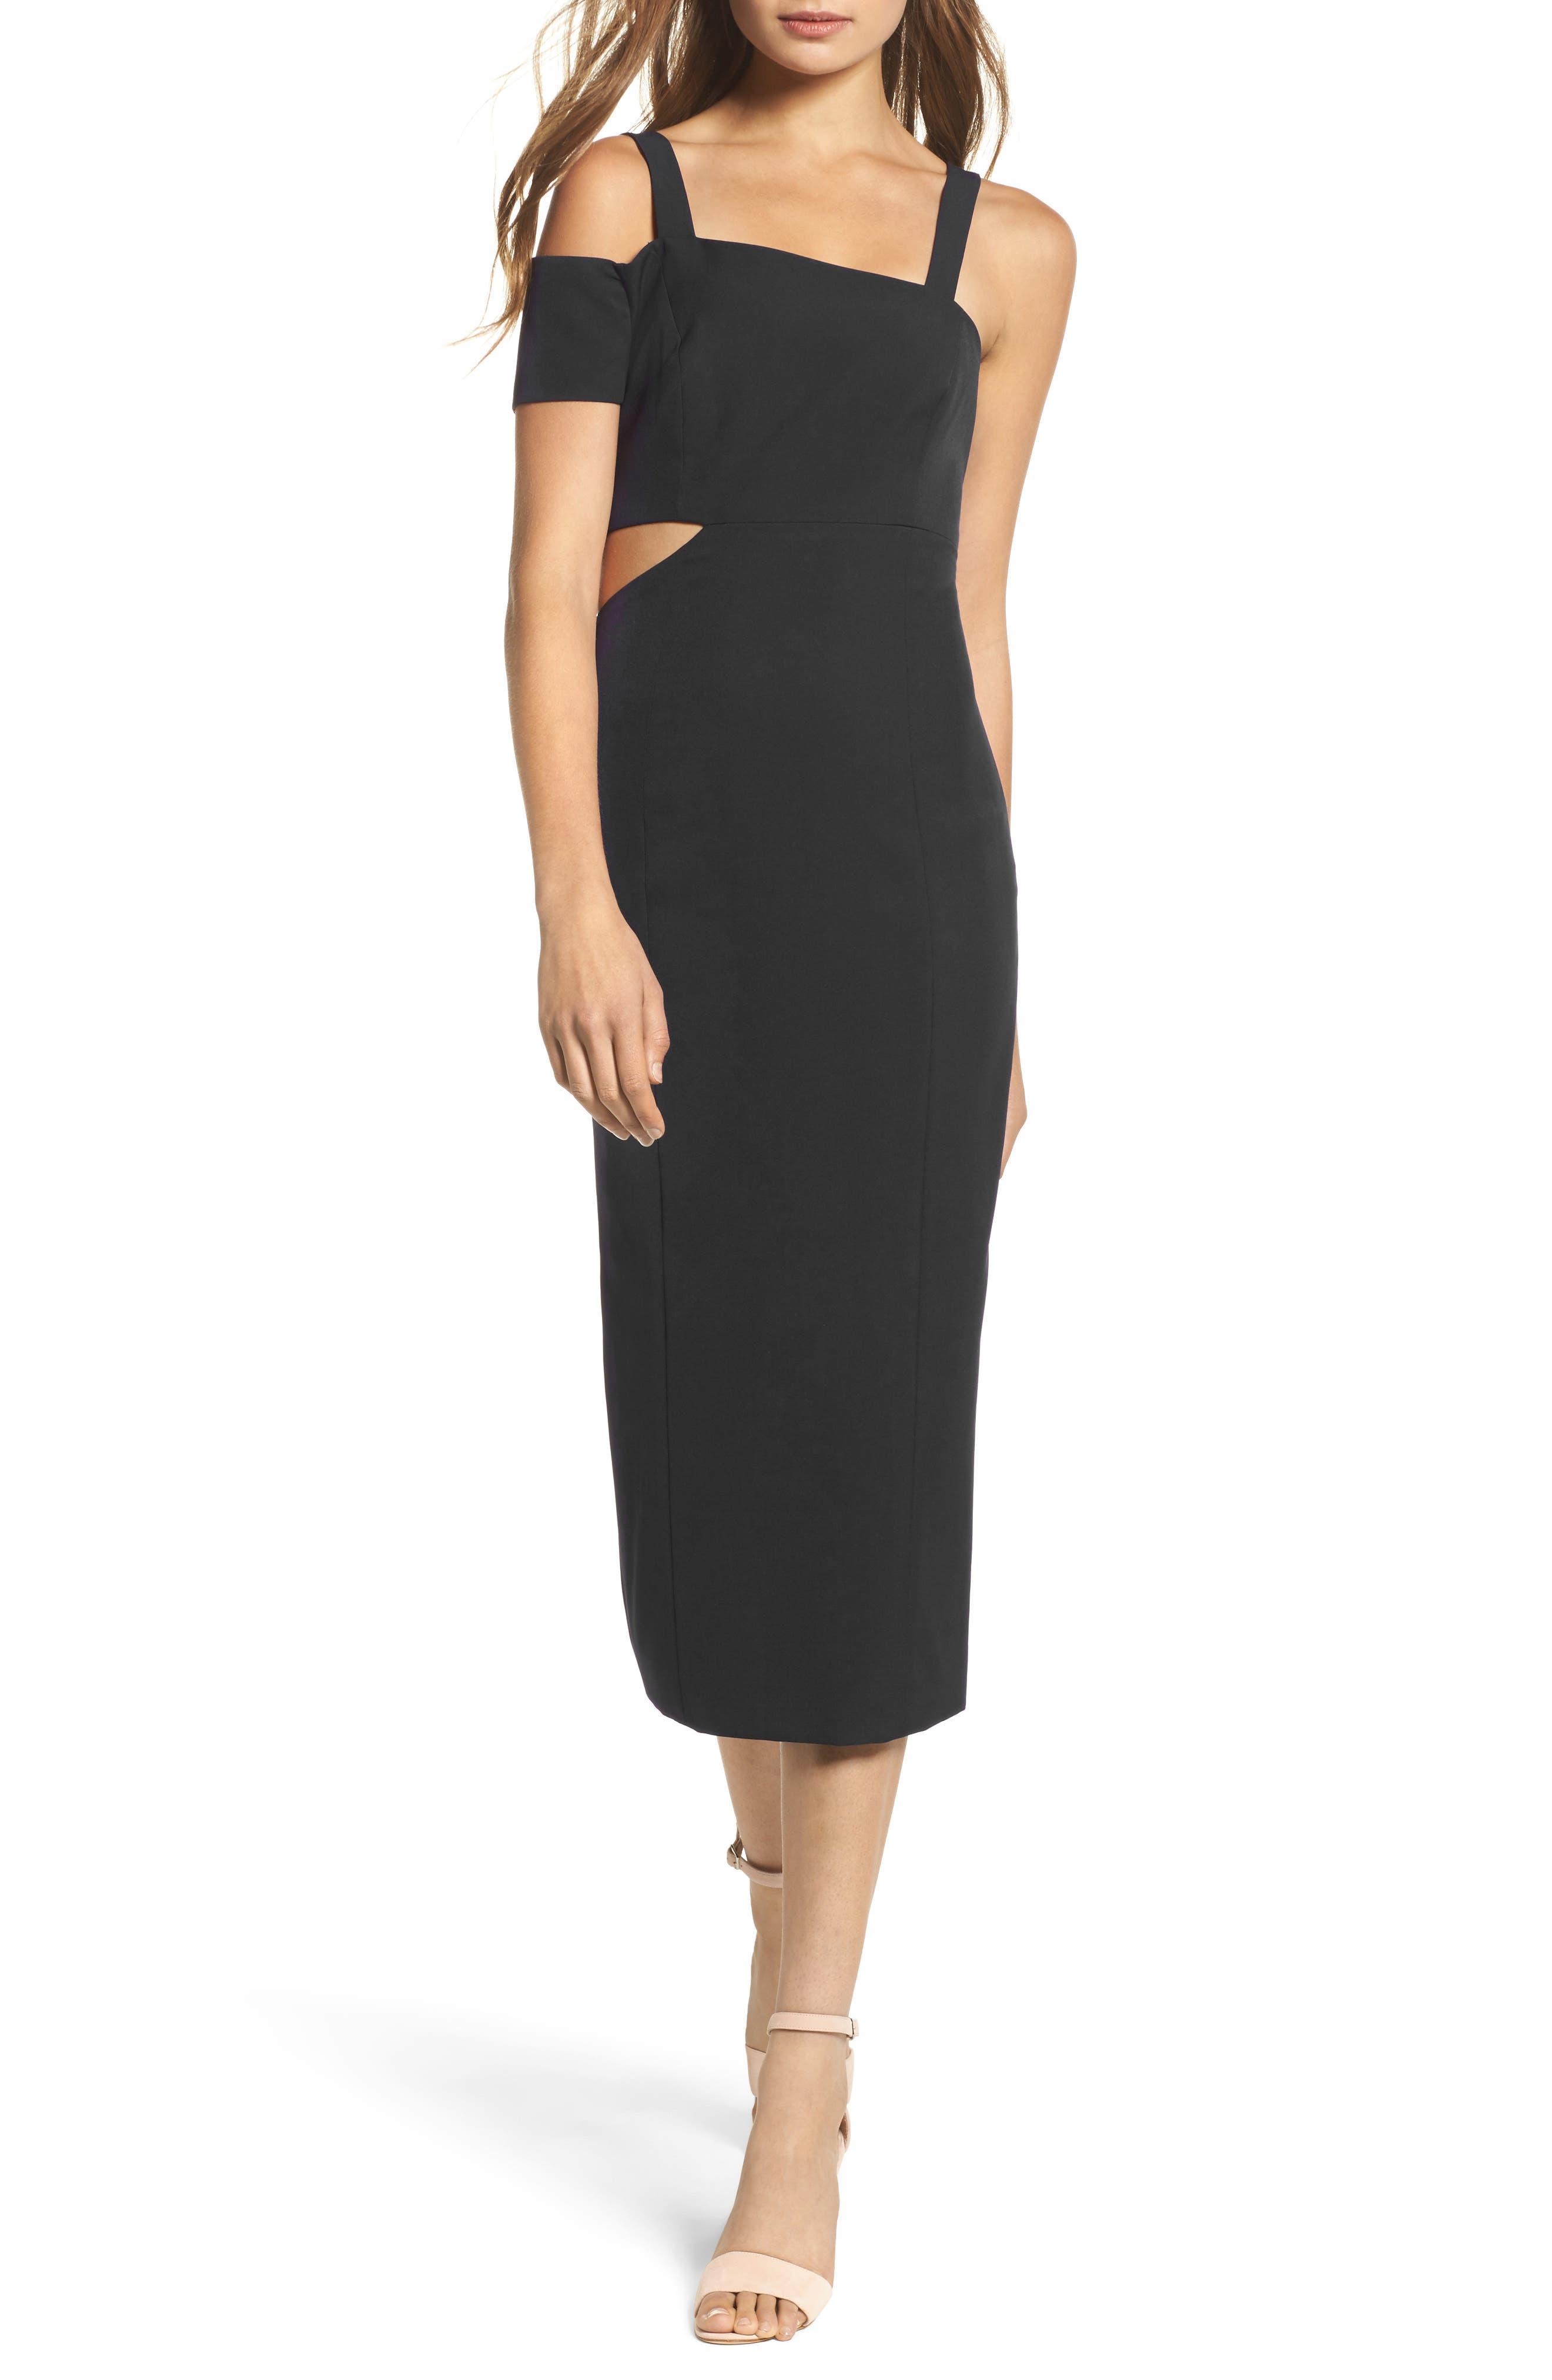 Marquette Cutout Sheath Dress,                             Main thumbnail 1, color,                             001